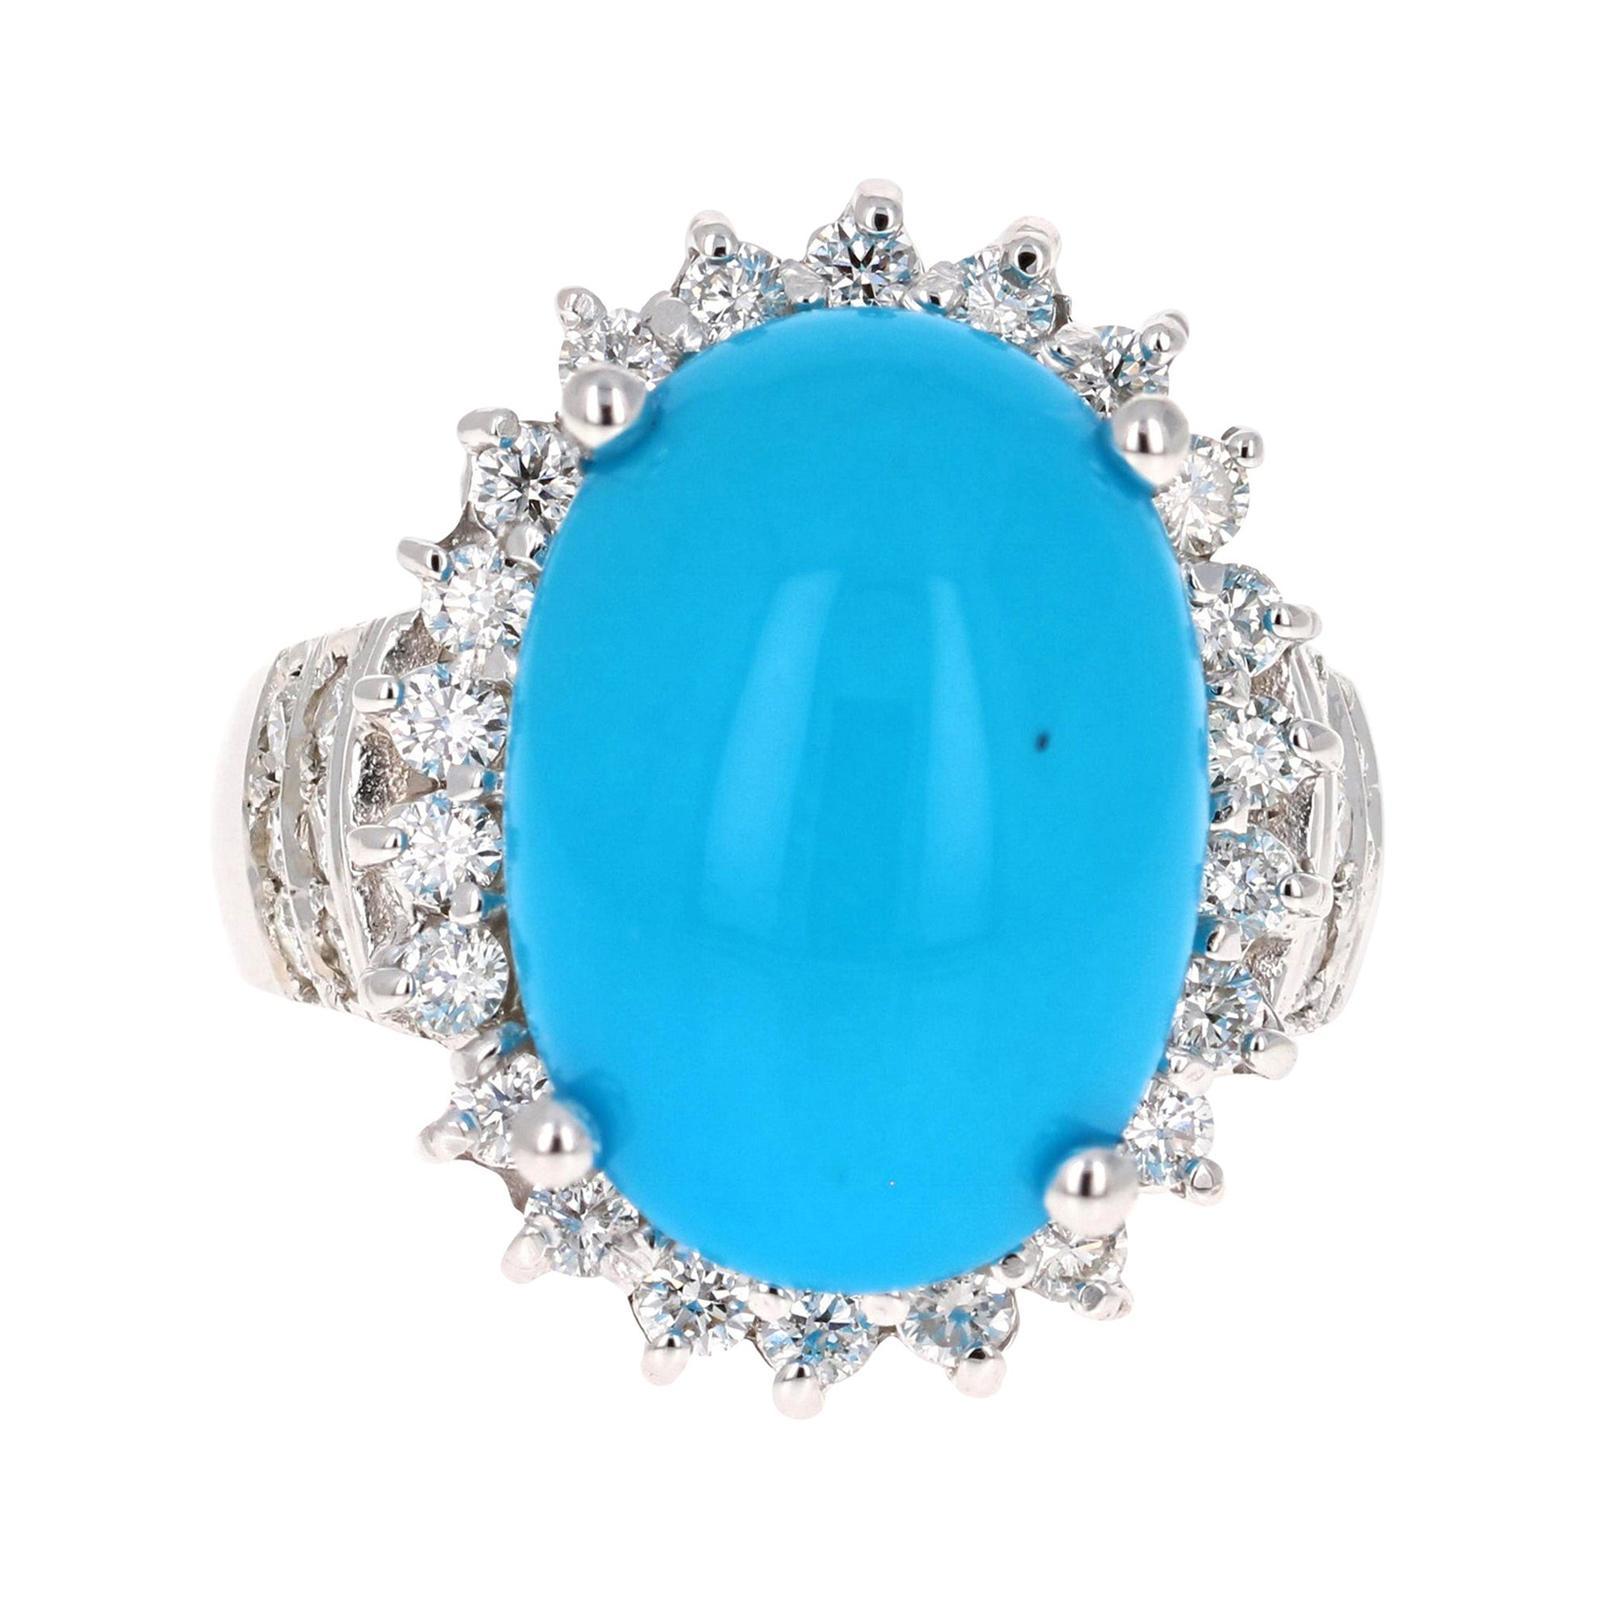 9.70 Carat Turquoise Diamond 14 Karat White Gold Cocktail Ring